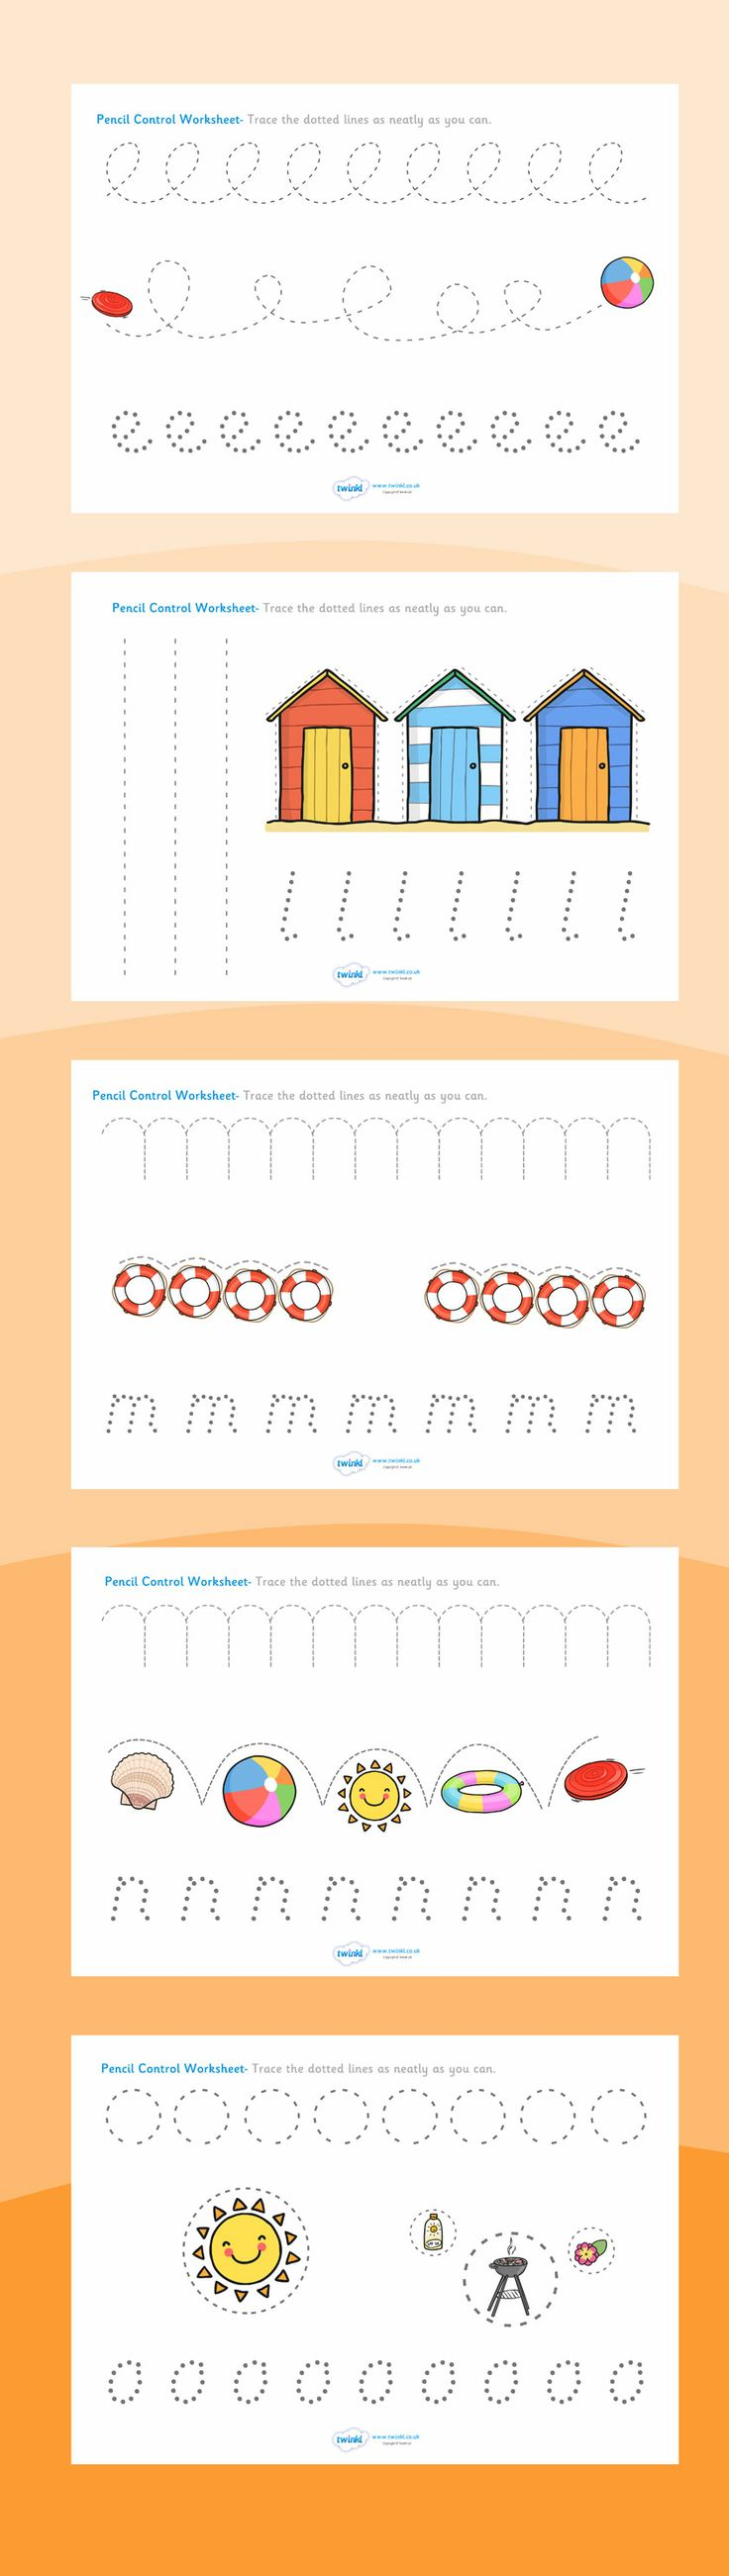 (2014-07) 4 mønstre